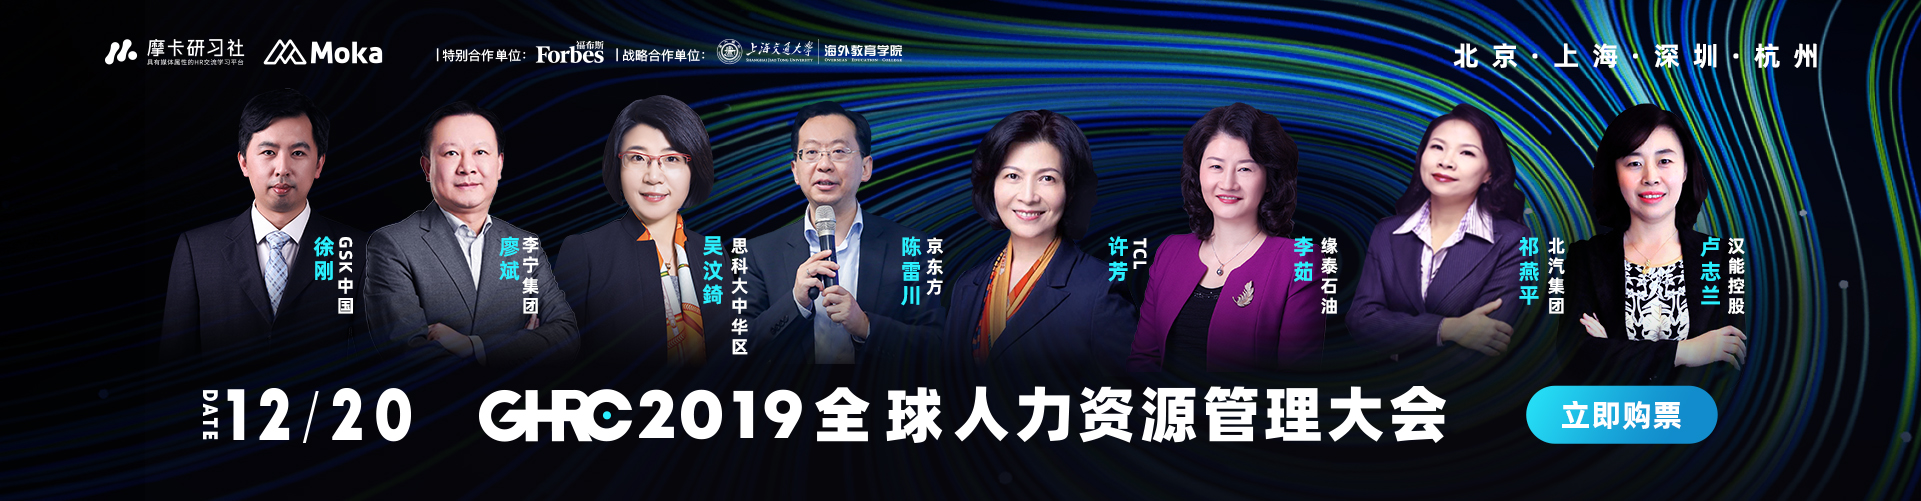 数字人力·预见未来 | 2019全球人力资源管理大会 [杭州会场]